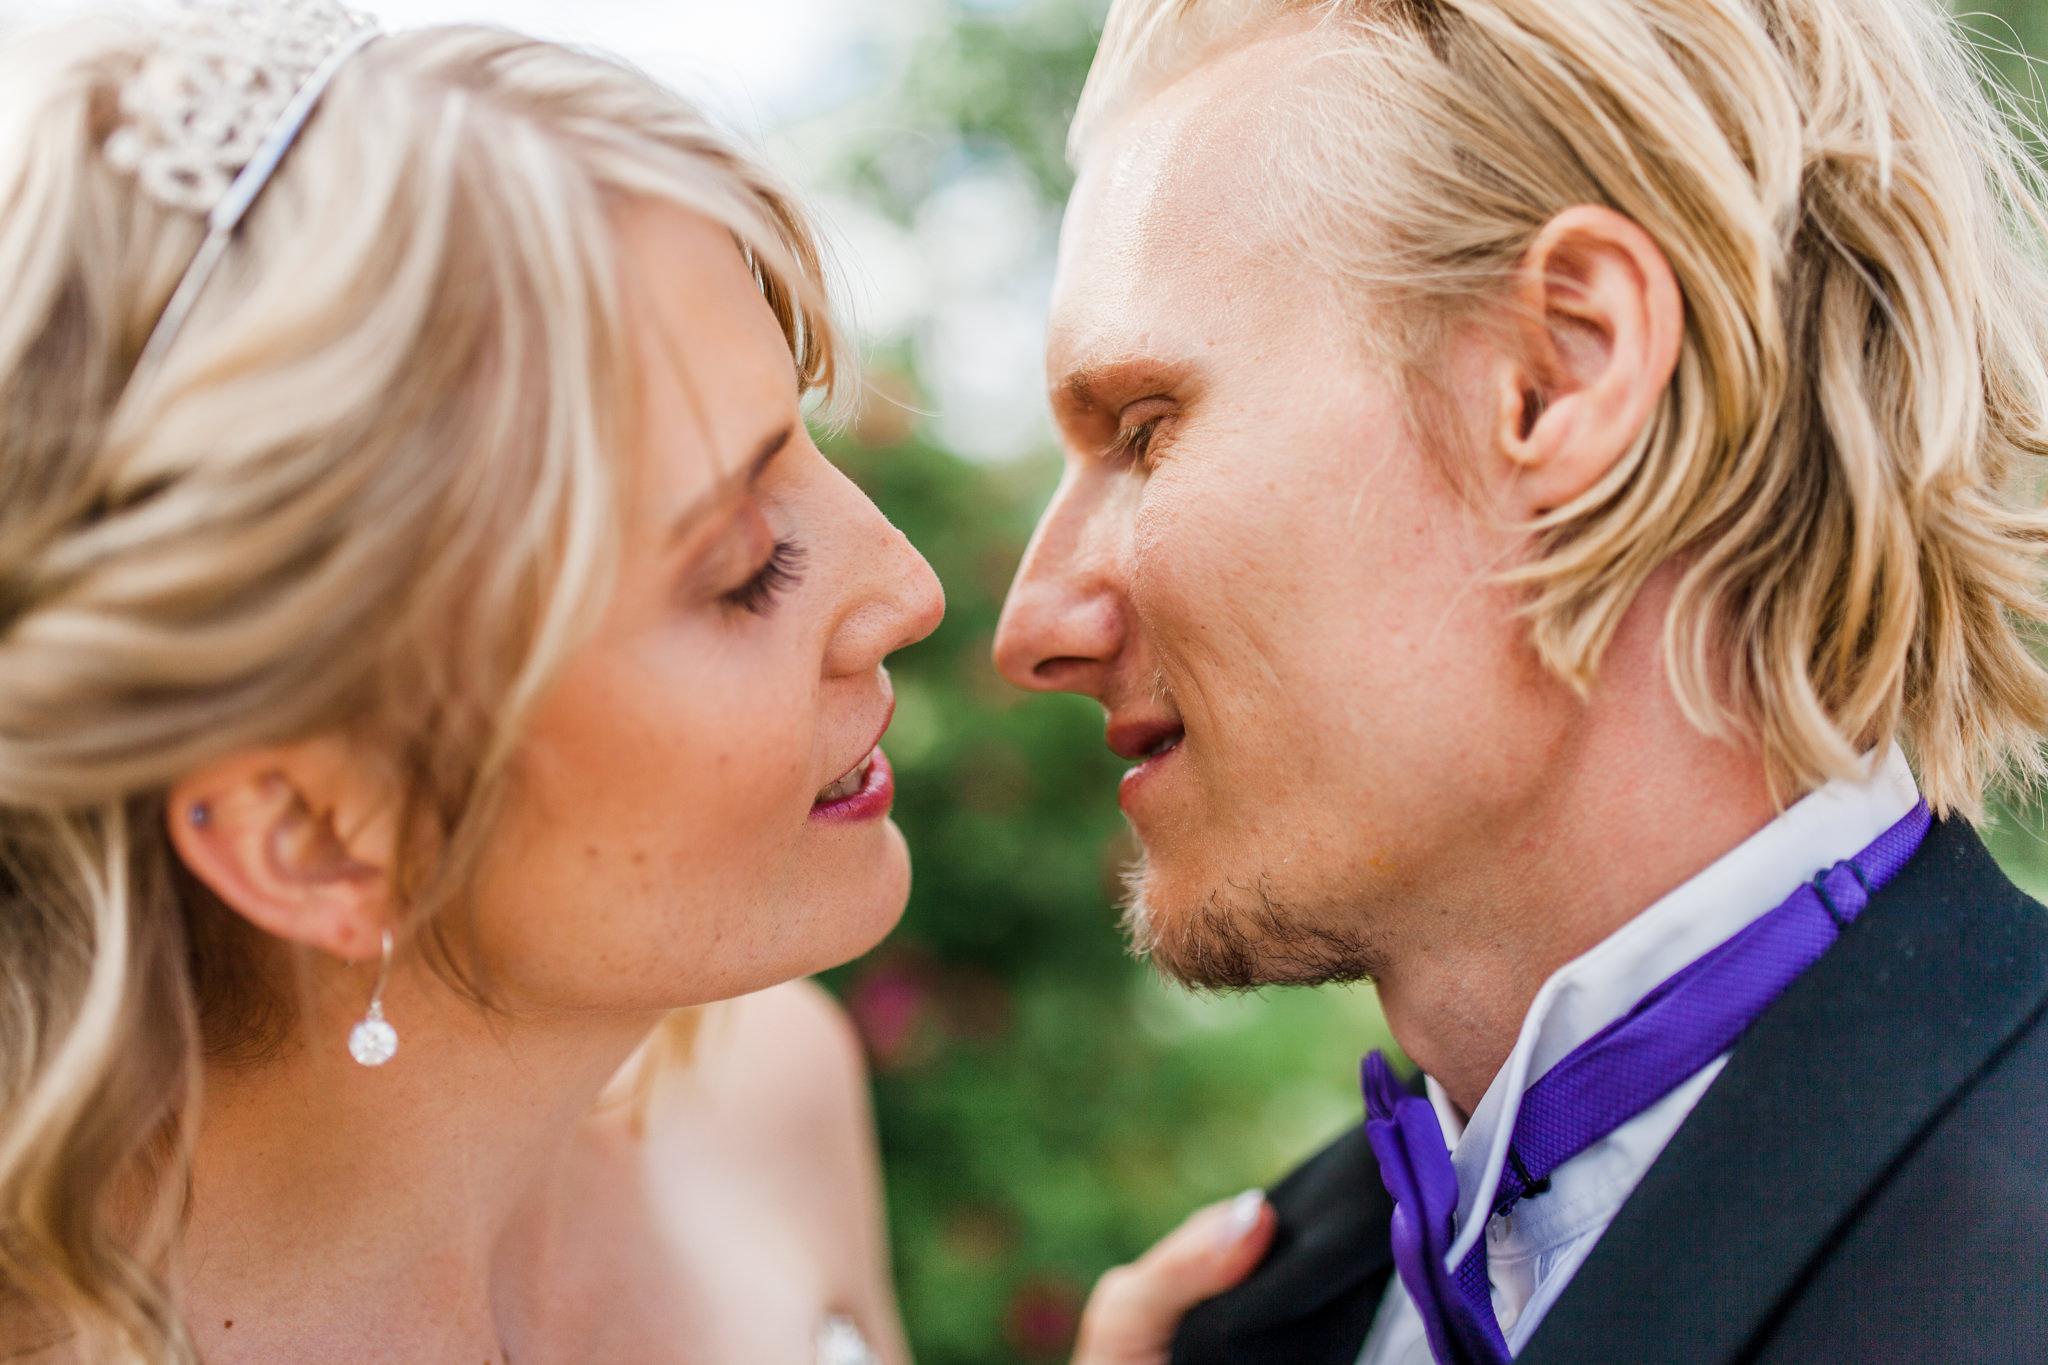 Bröllopsfotografering i Örebro vid Rosängen Orangeri